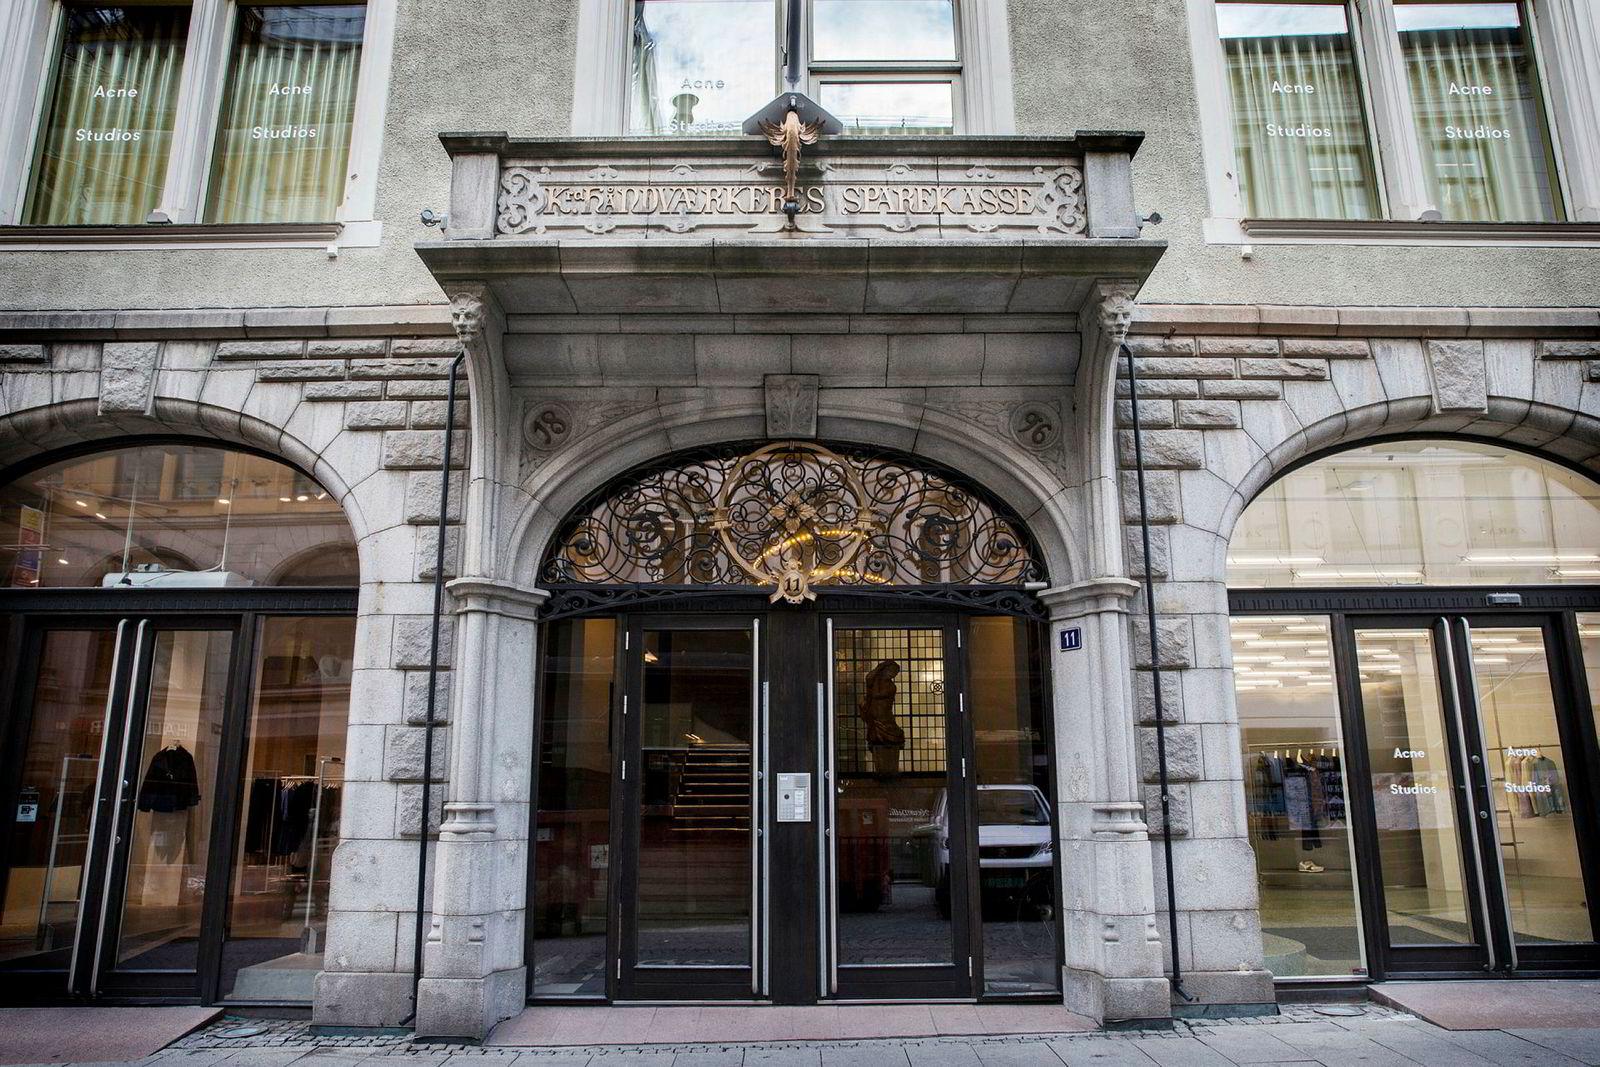 De fem advokatene inngikk i 2015 en leieavtale for kontorer i Øvre Slottsgate 11, gjennom sitt felleseide selskap R-A Kontordrift as.